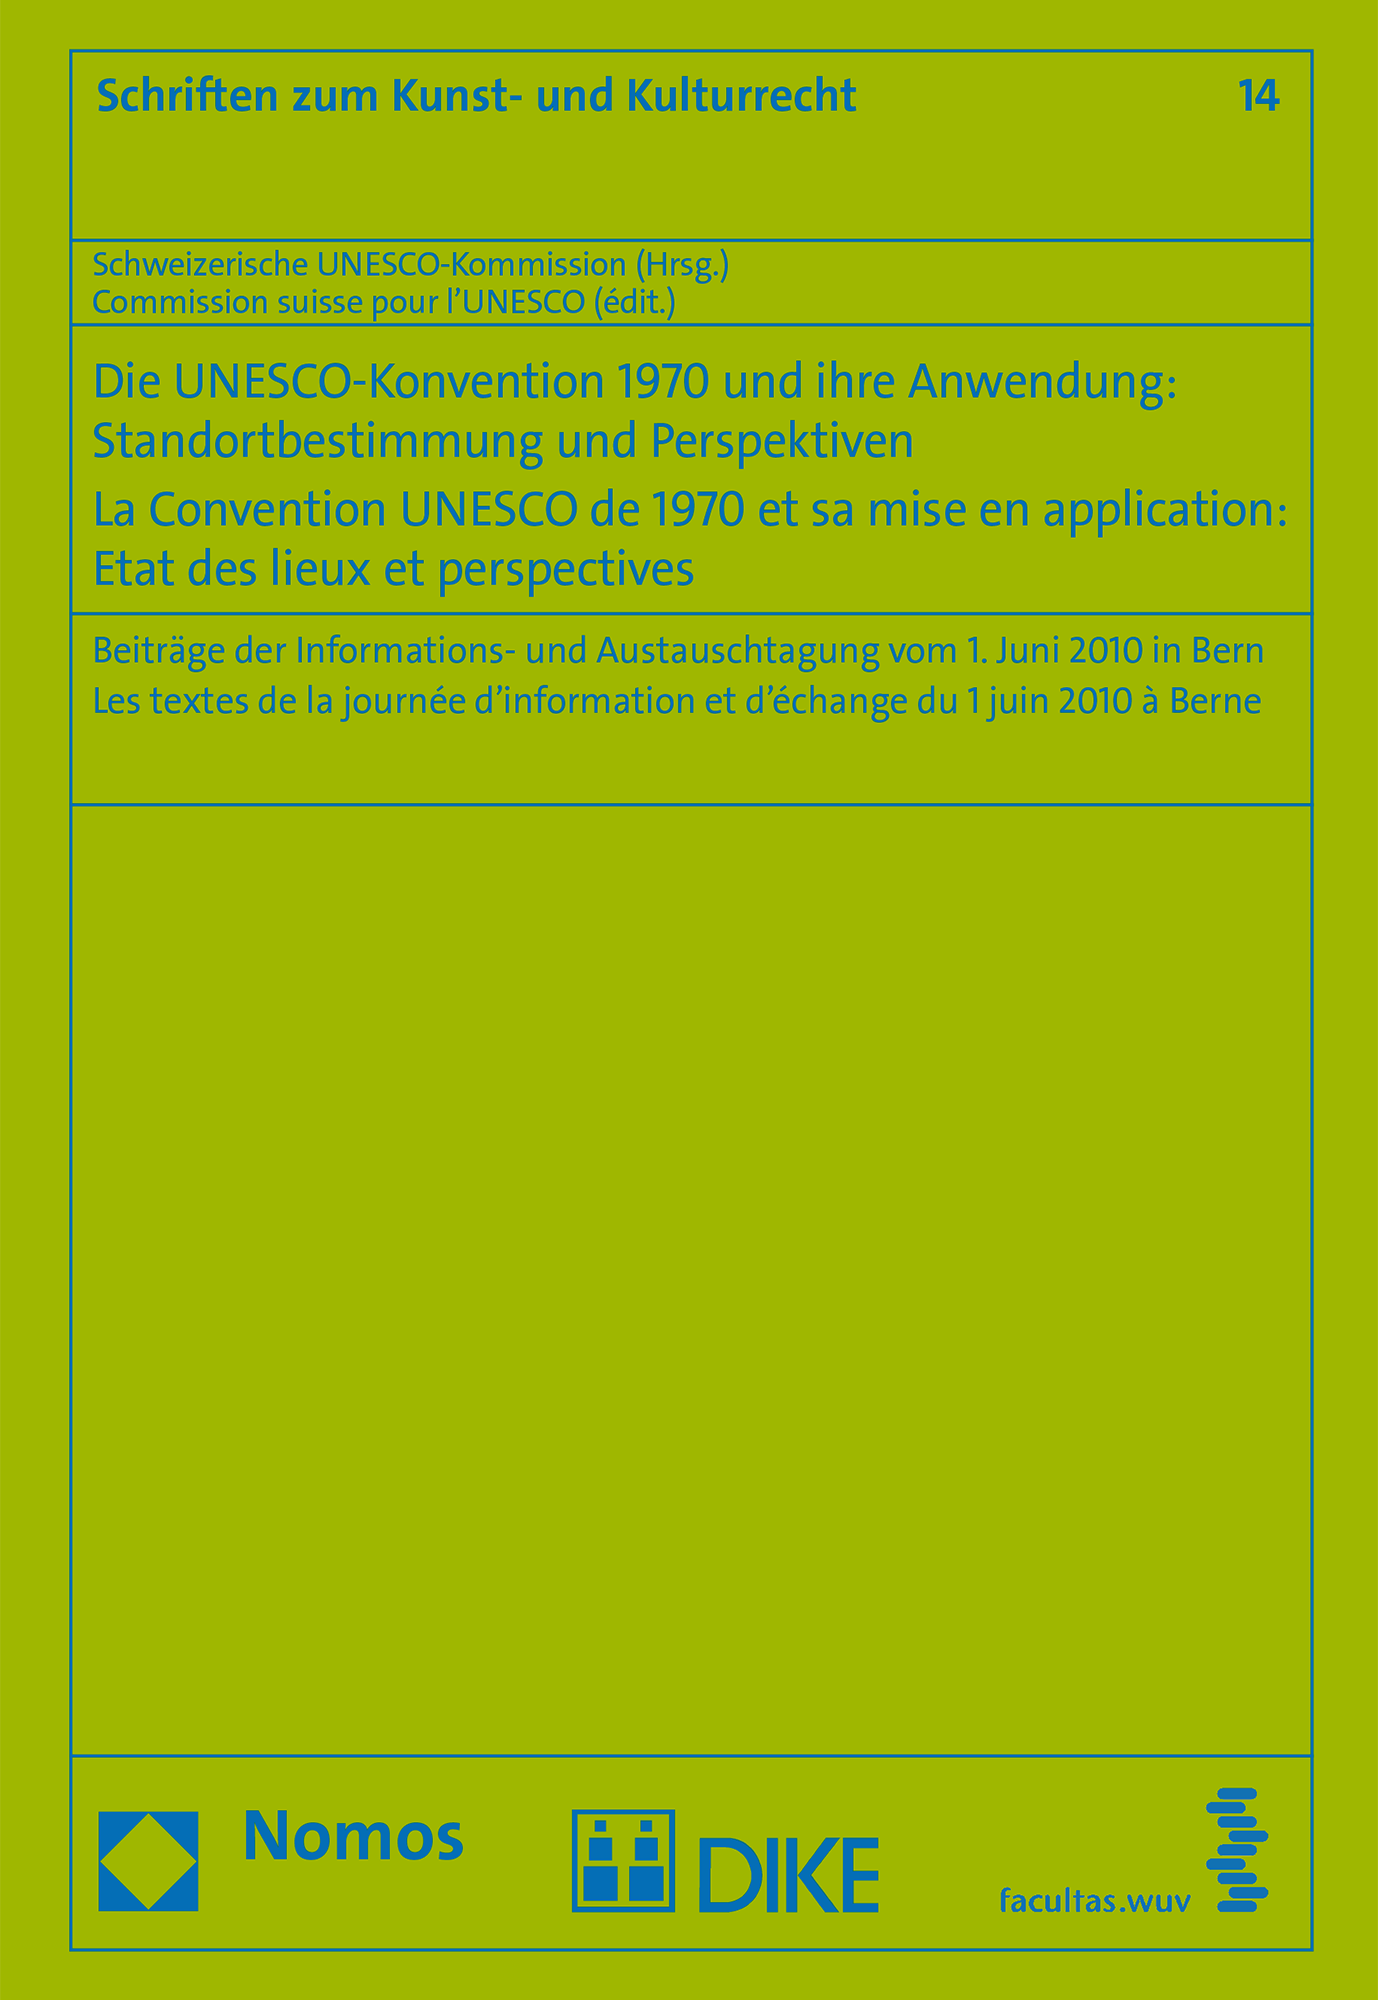 Die UNESCO-Konvention 1970 und ihre Anwendung - La Convention UNESCO de 1970 et sa mise en application